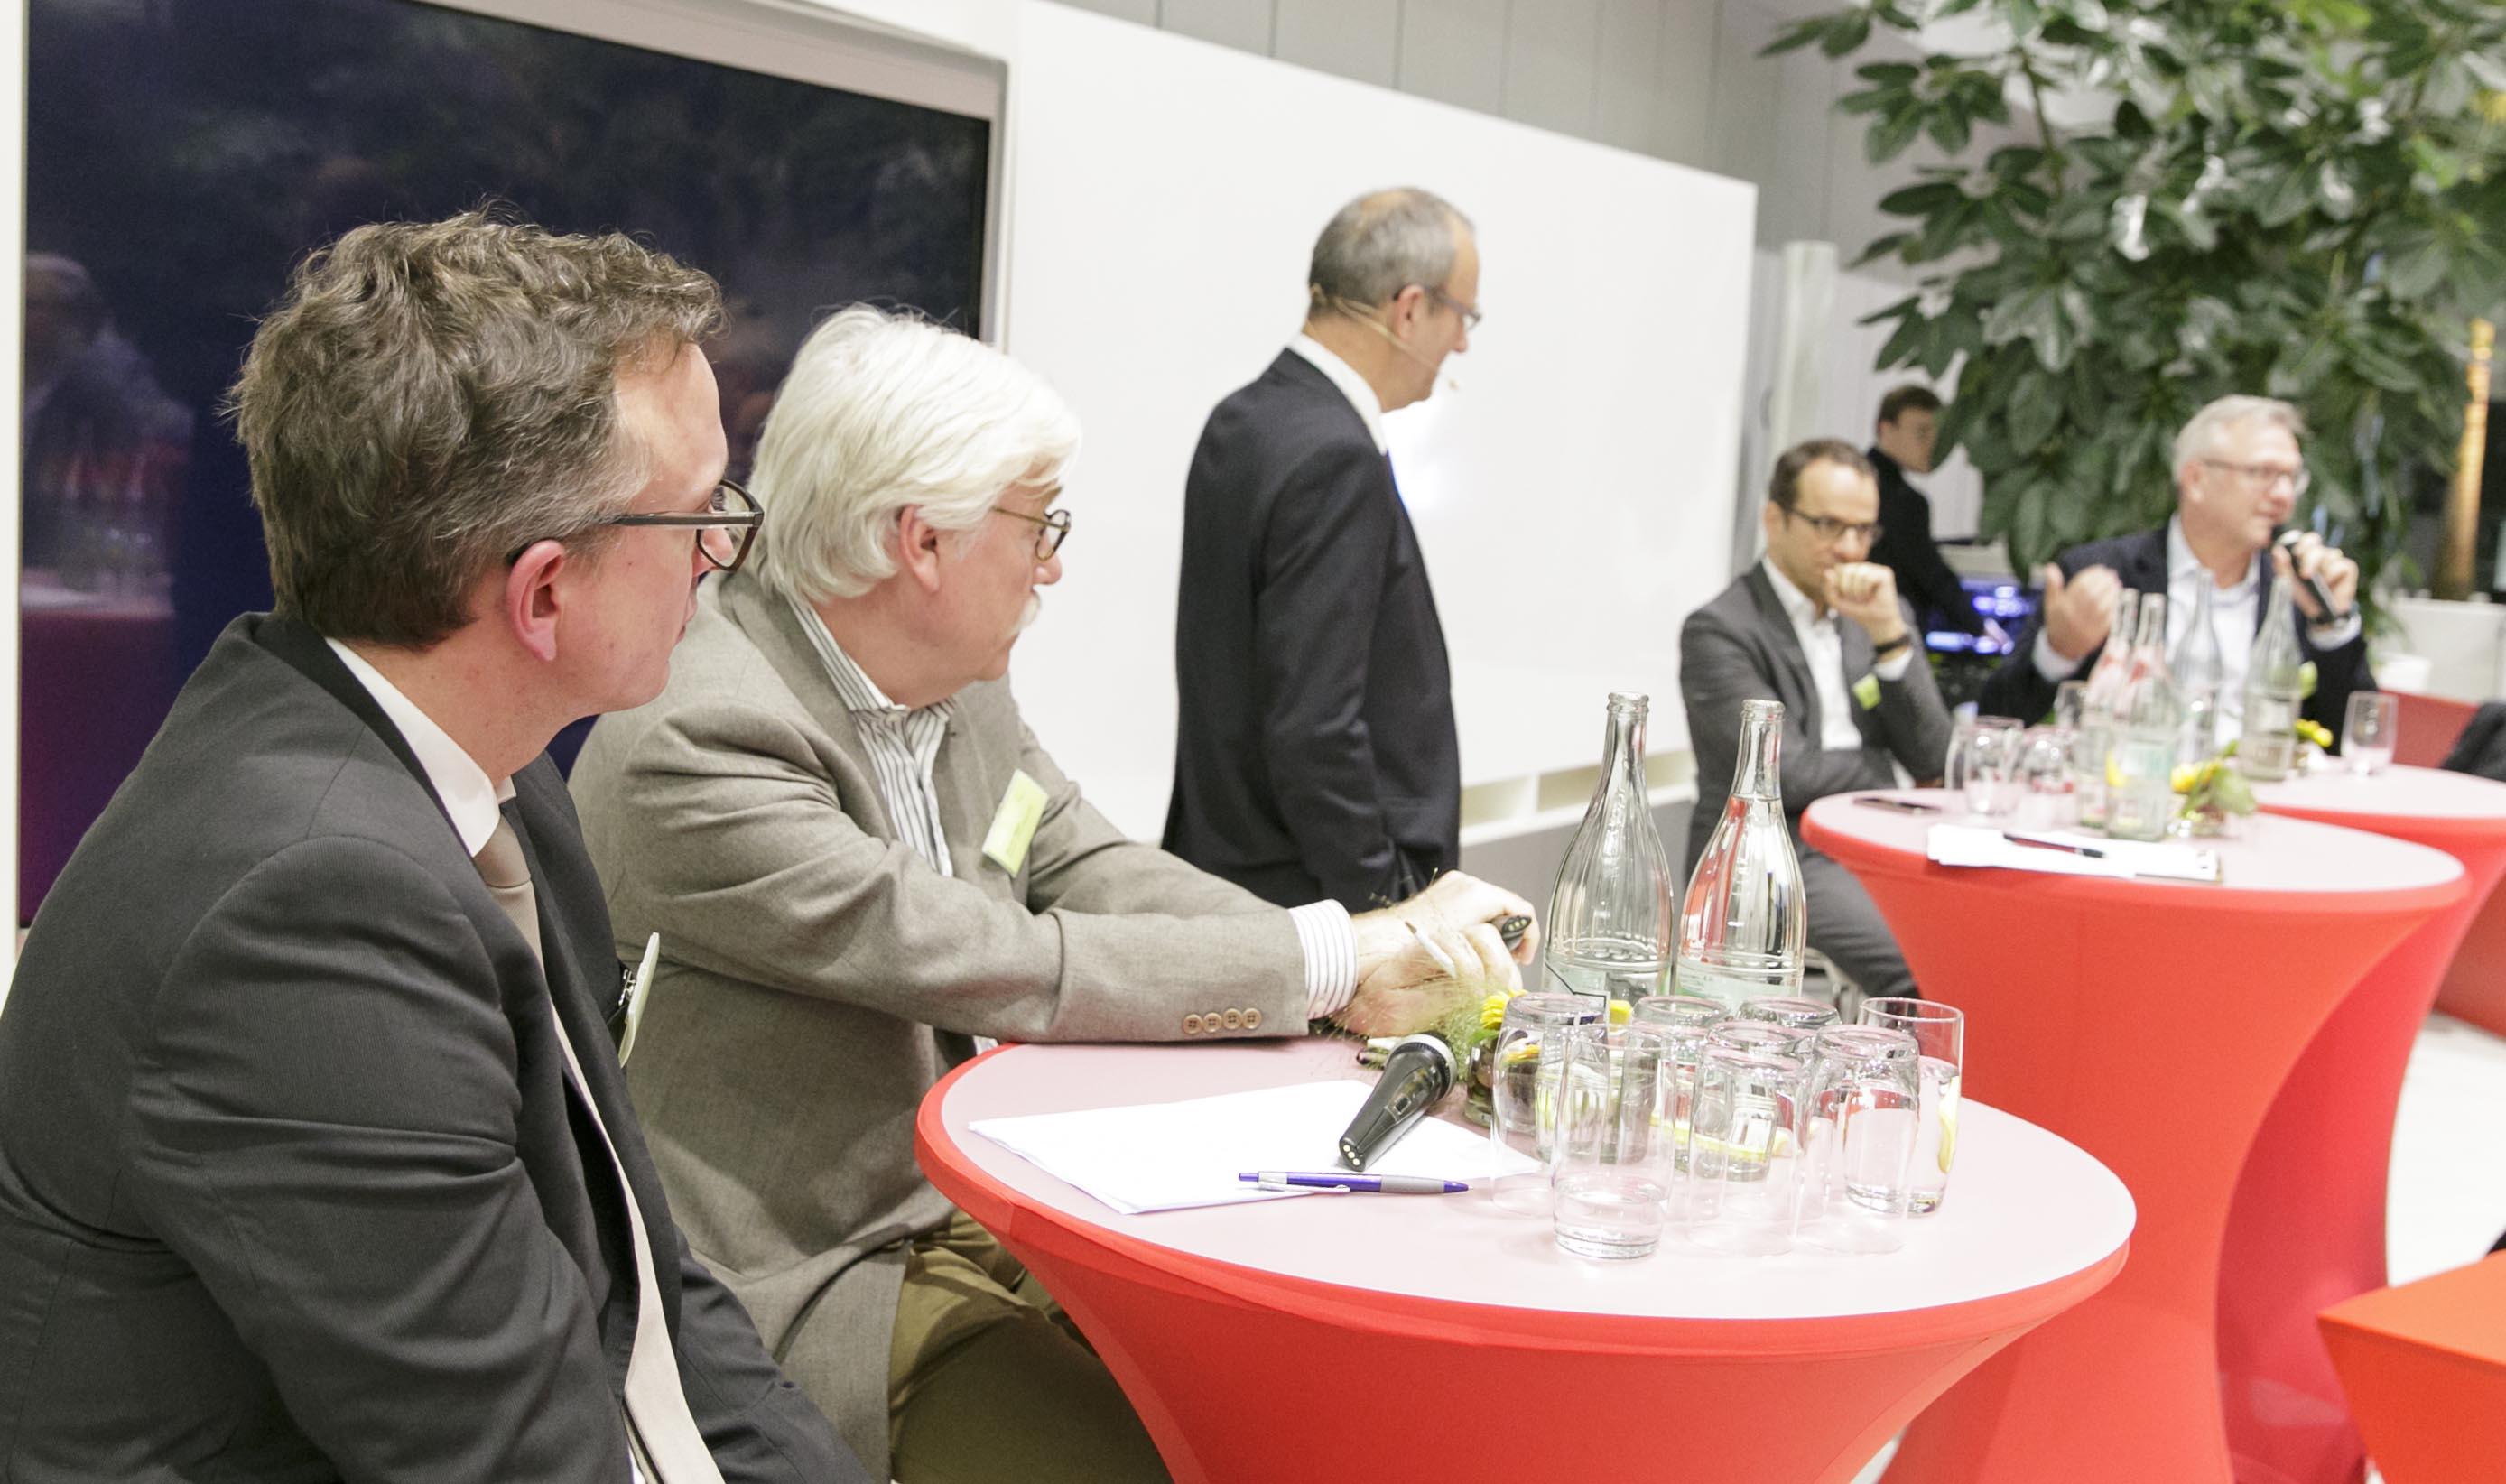 Ethik der Mobilität, Verkehr, Klimawandel, Verantwortung, Jürgen Schultheis, Tarek Al-Wazir, Martin Schmied, Hessen, Frankfurt am Main, Offenbach am Main, Stefanie Kösling, HOLM